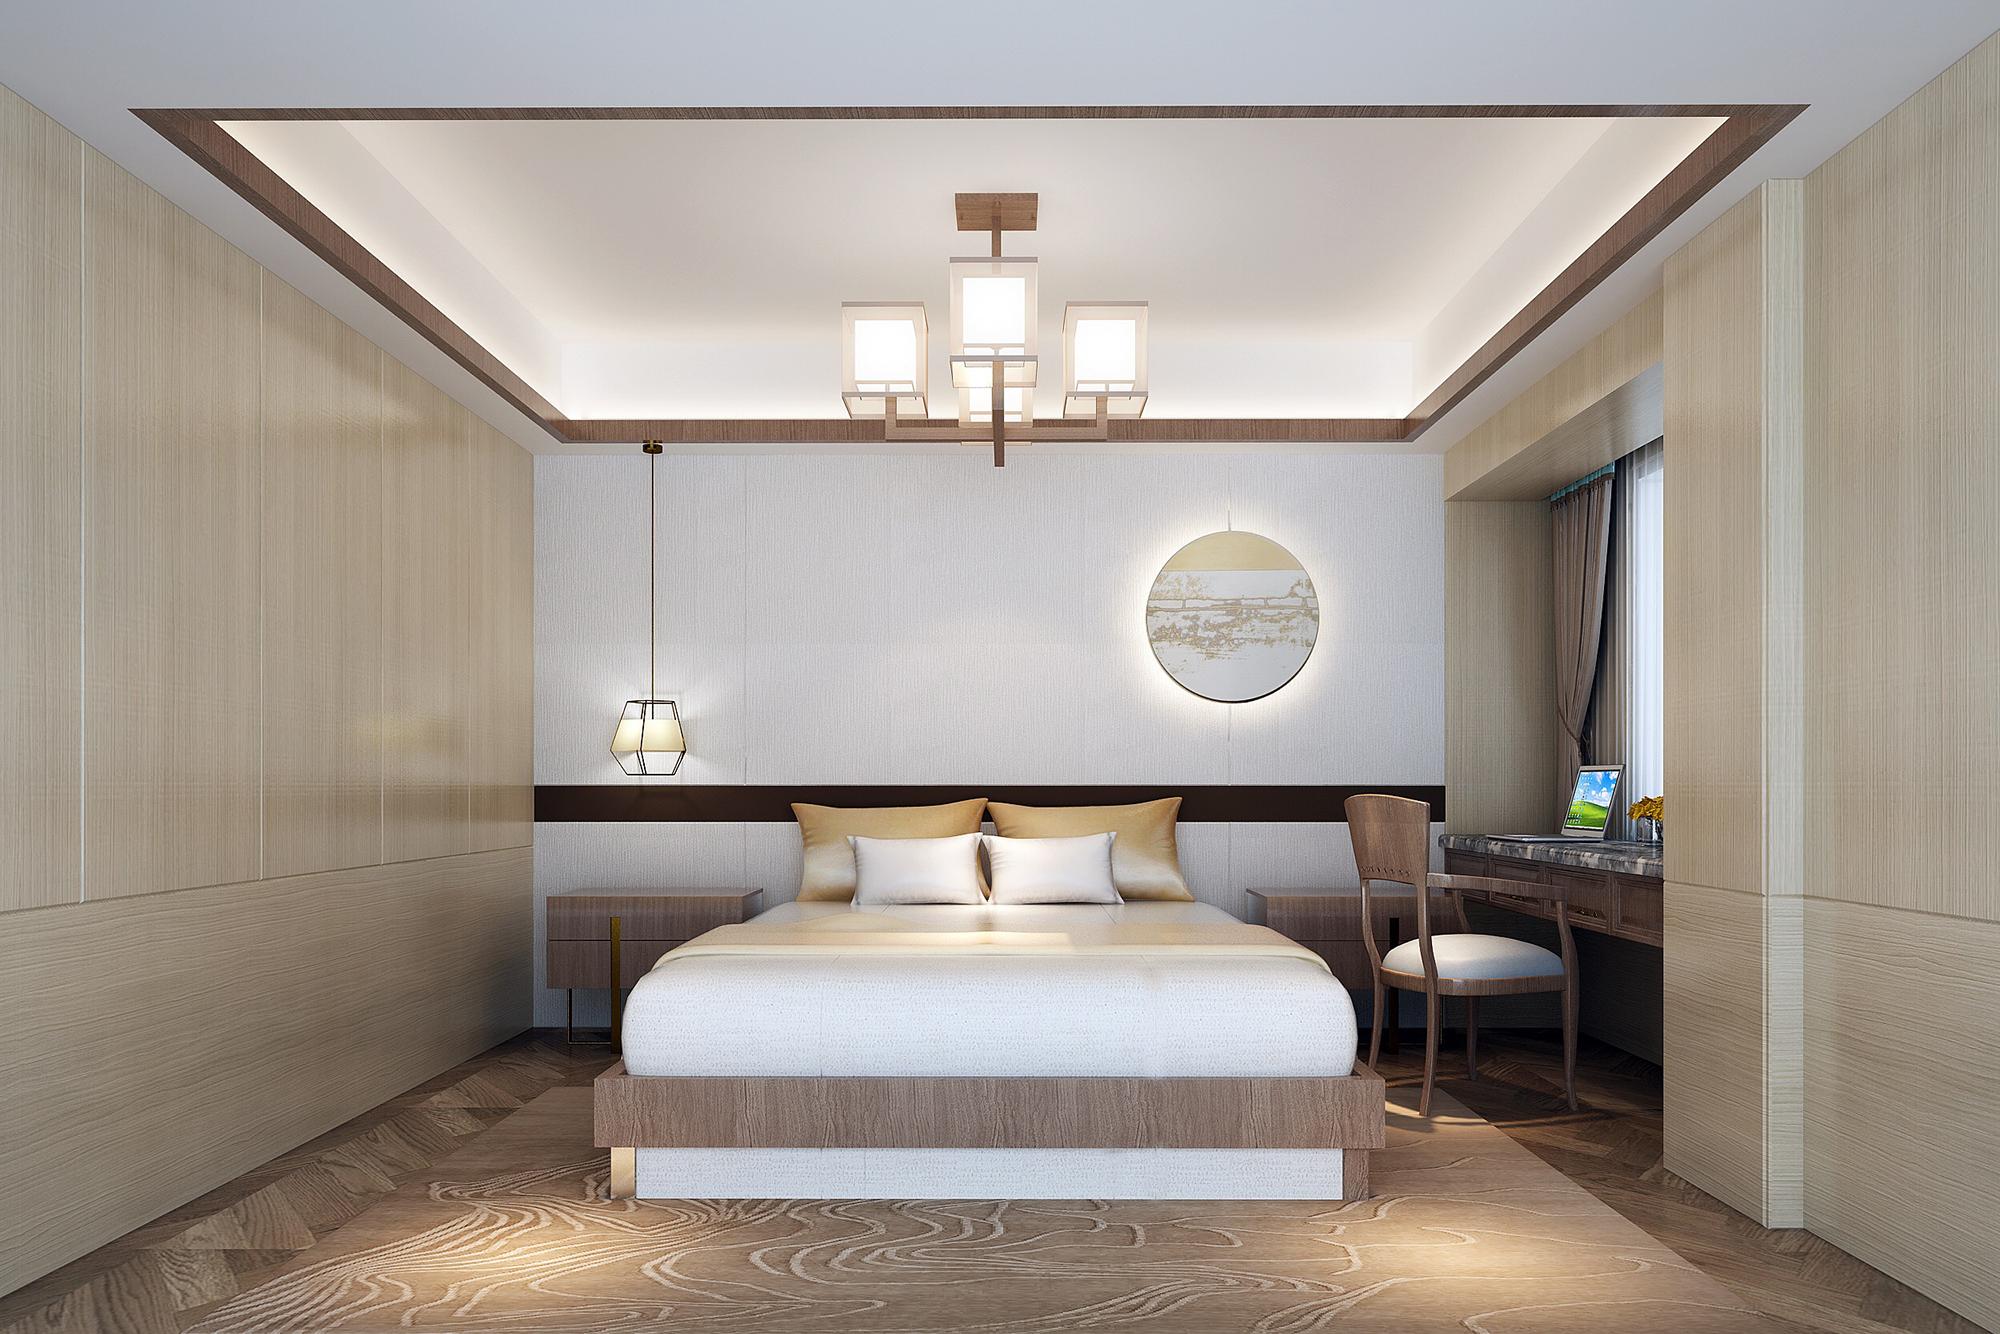 别墅 设计 装修 案例 新中式风格 卧室图片来自无锡别墅设计s在吉宝澜岸名邸新中式案例的分享